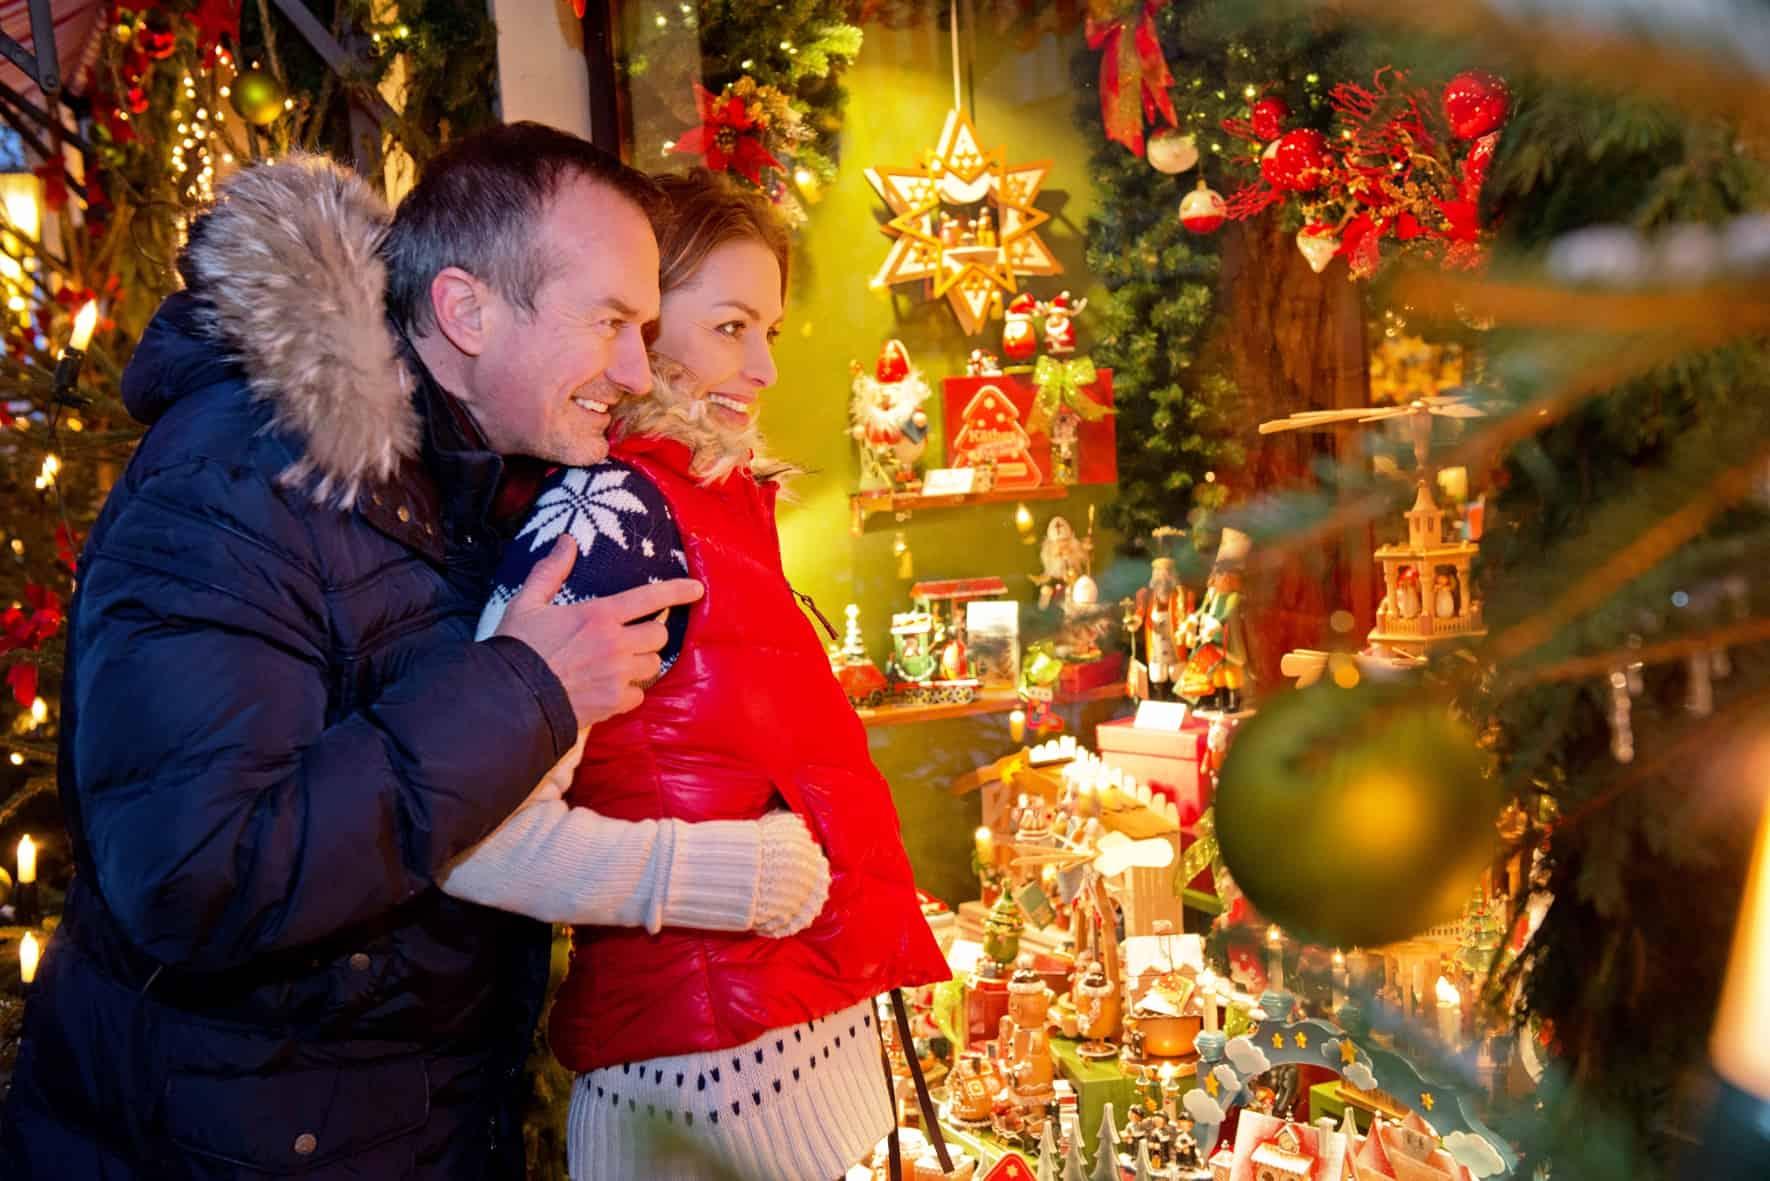 Junges Paar schaut sich Geschenke auf dem Weihnachtsmarkt an